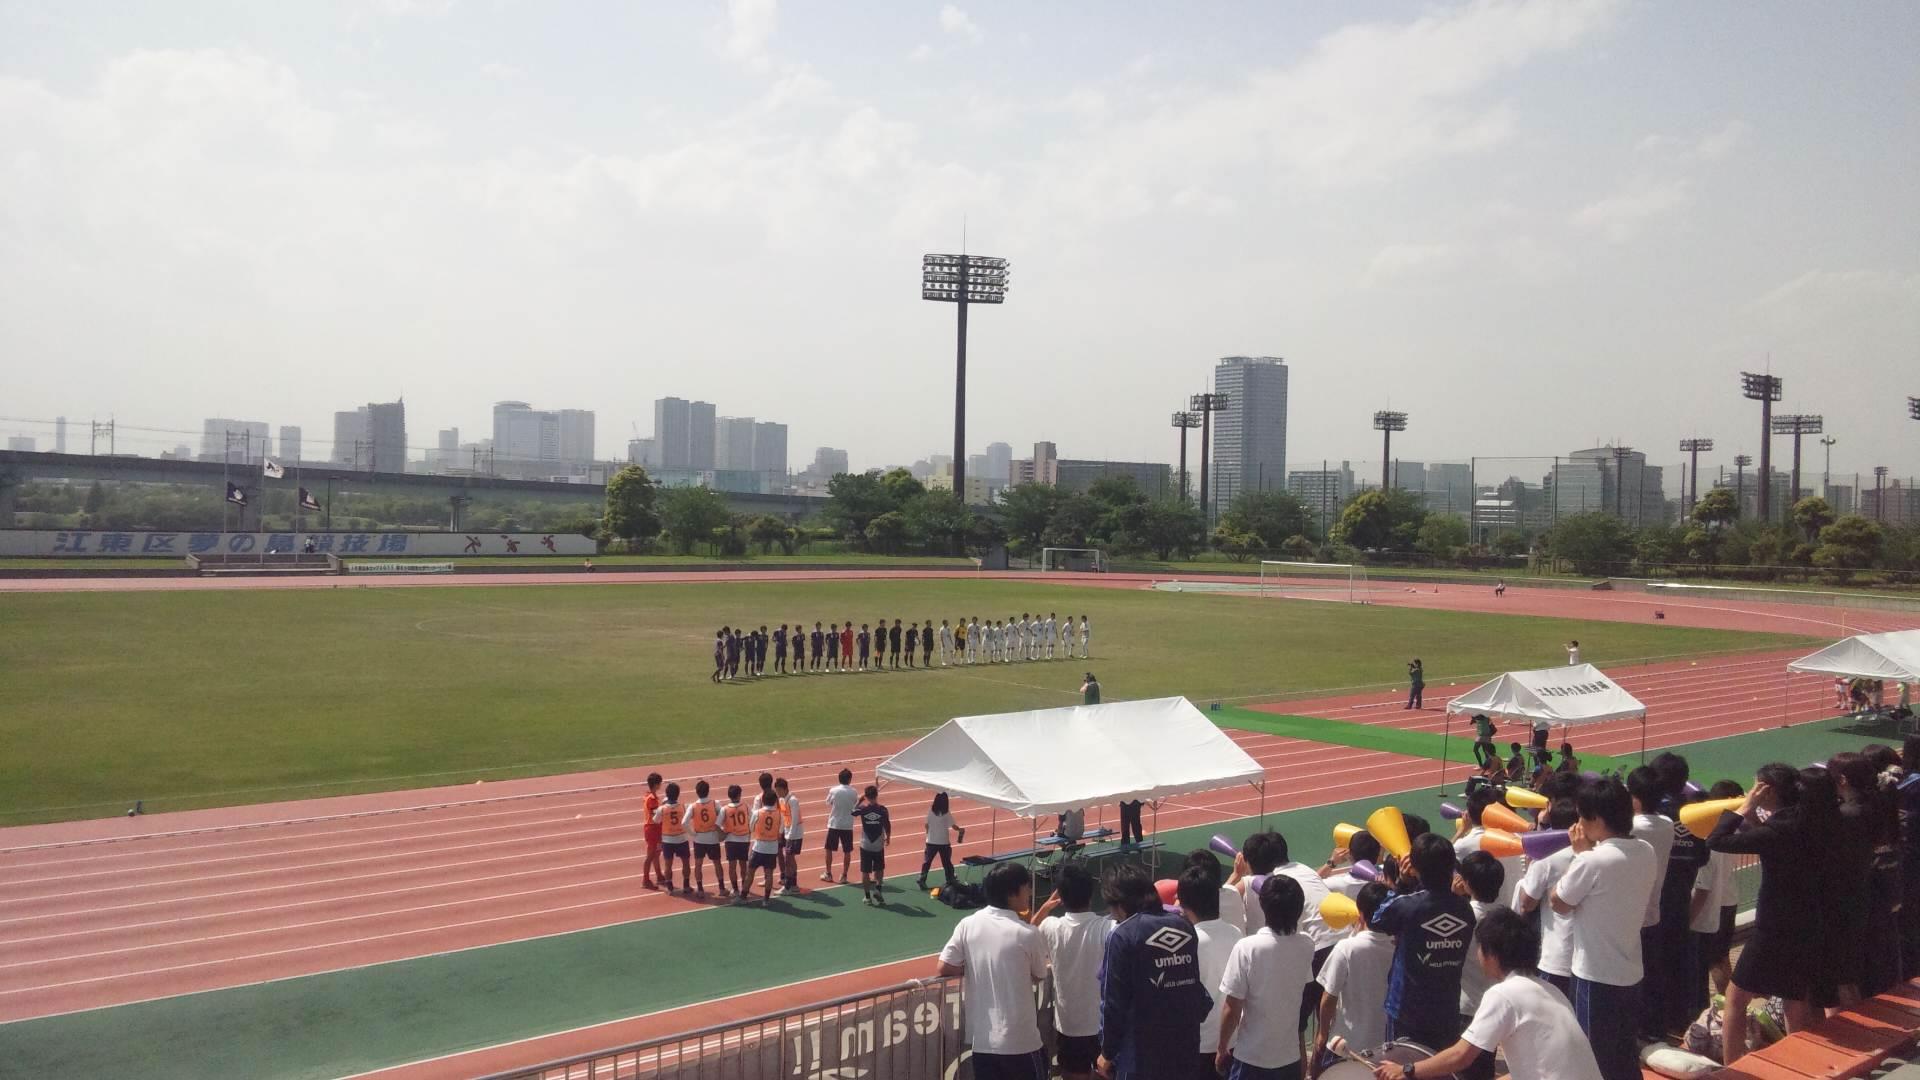 江東区夢の島競技場2011年5月14日